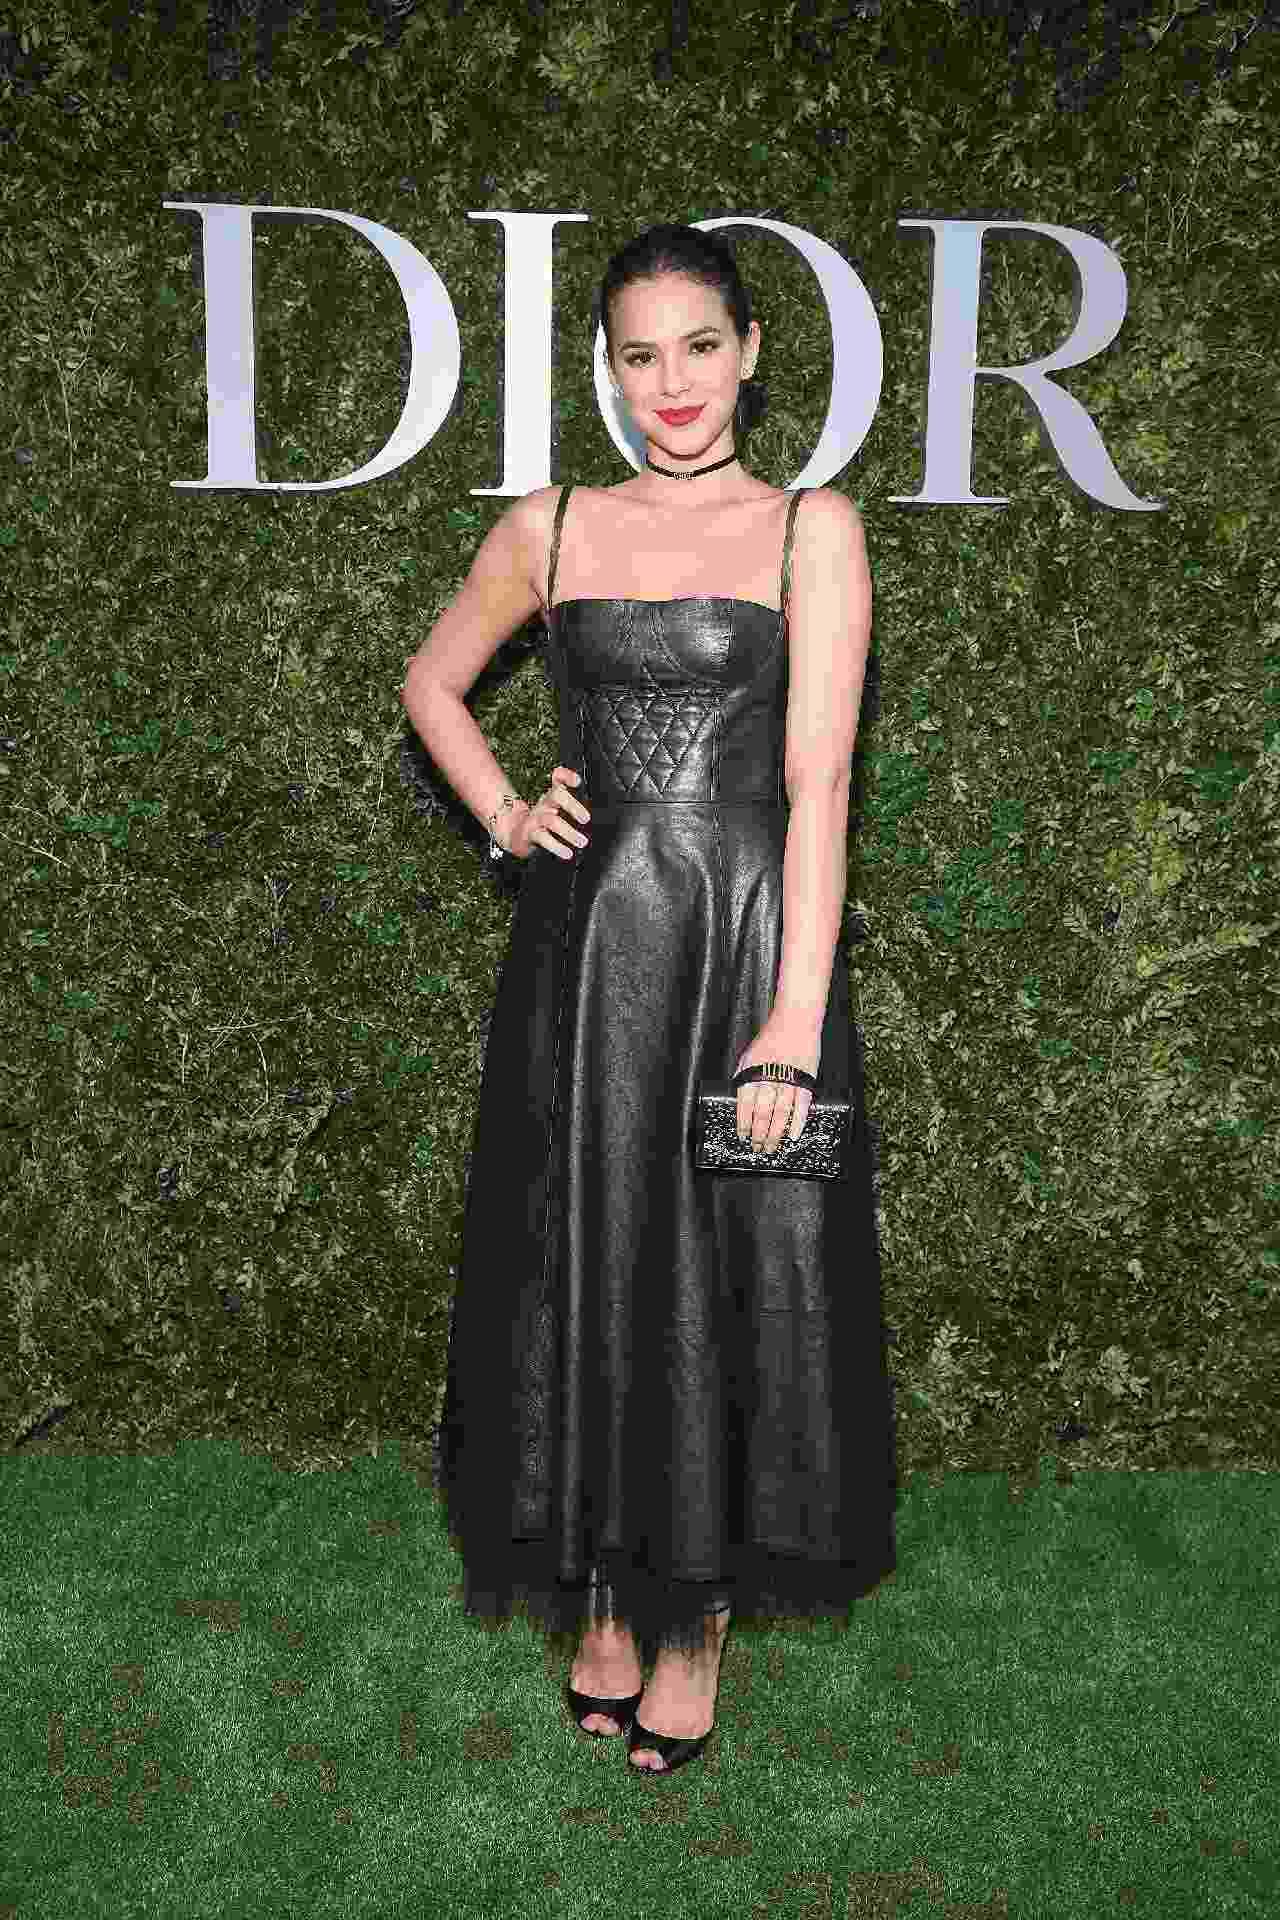 Na capital francesa, Bruna Marquezine foi a uma exposição em homenagem a Christian Dior na segunda-feira (3) - Getty Images